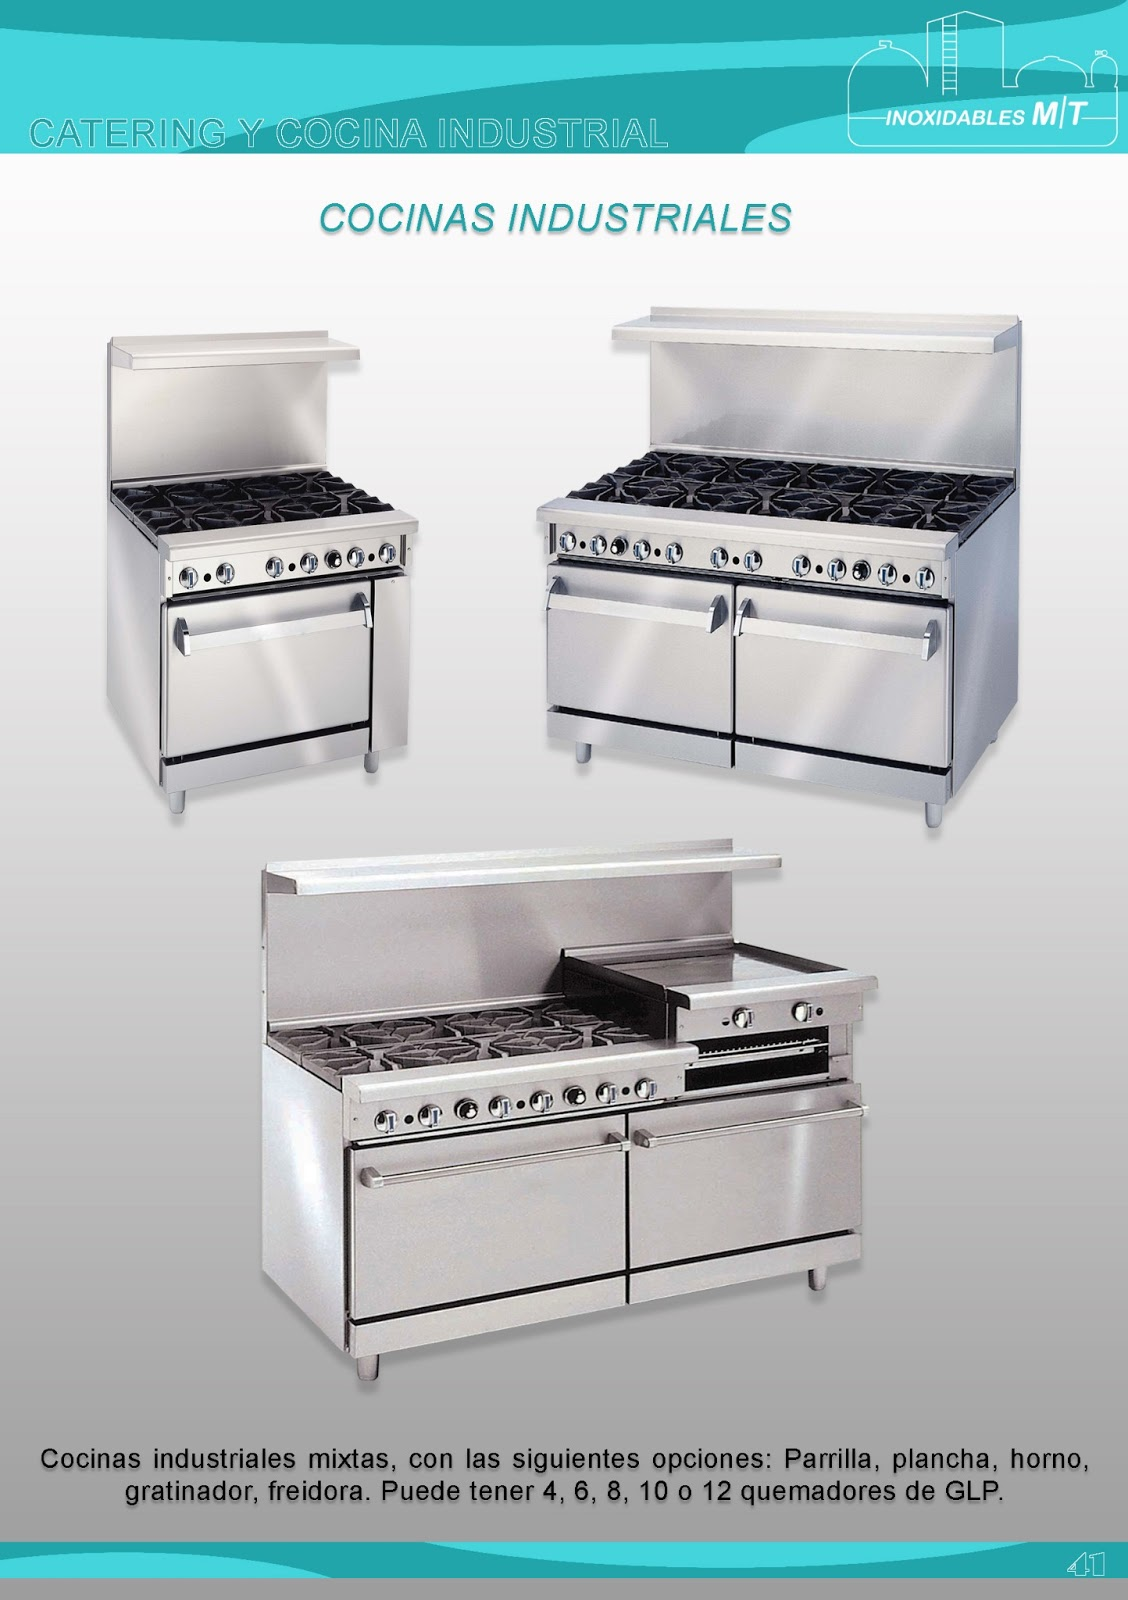 Inoxidables mt equipos para catering y cocina industrial for Planchas de cocina industriales de segunda mano